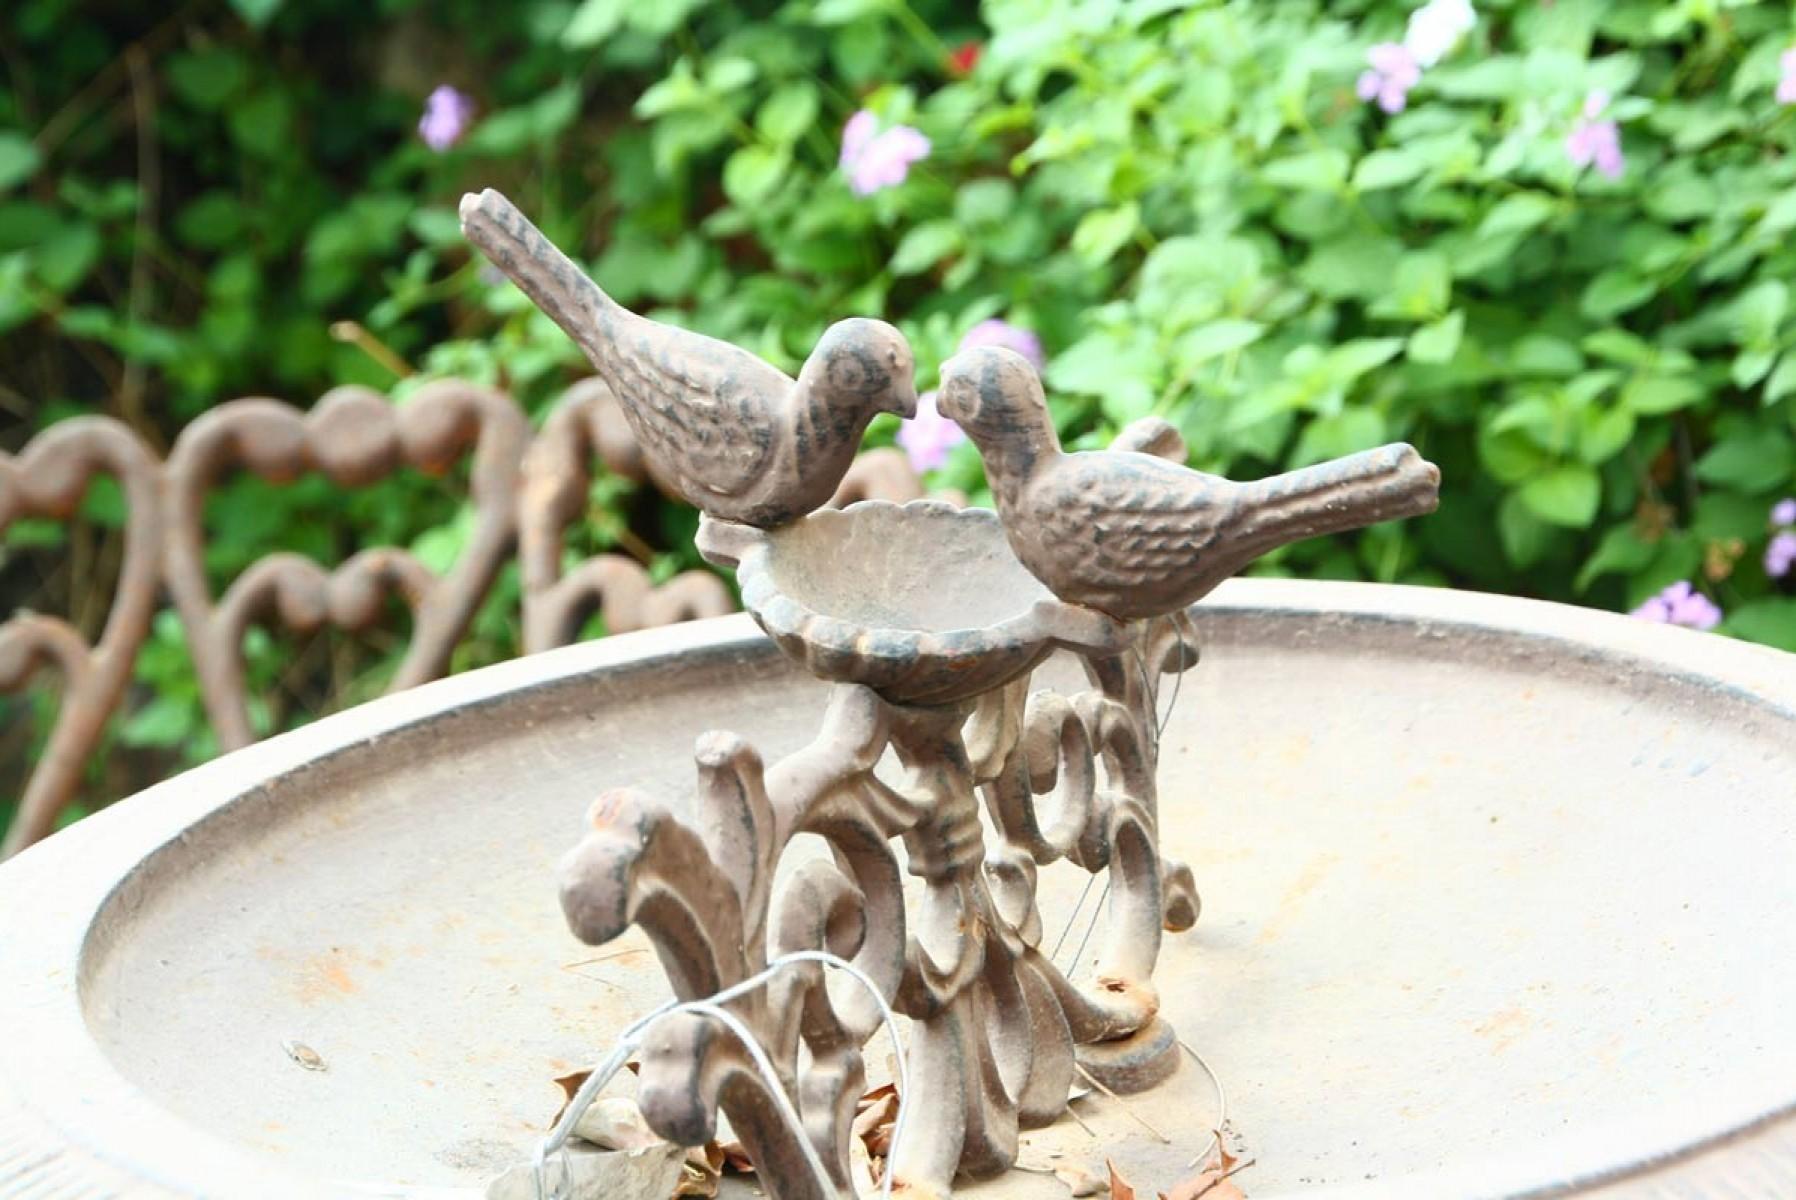 כלי האכלה לציפורים